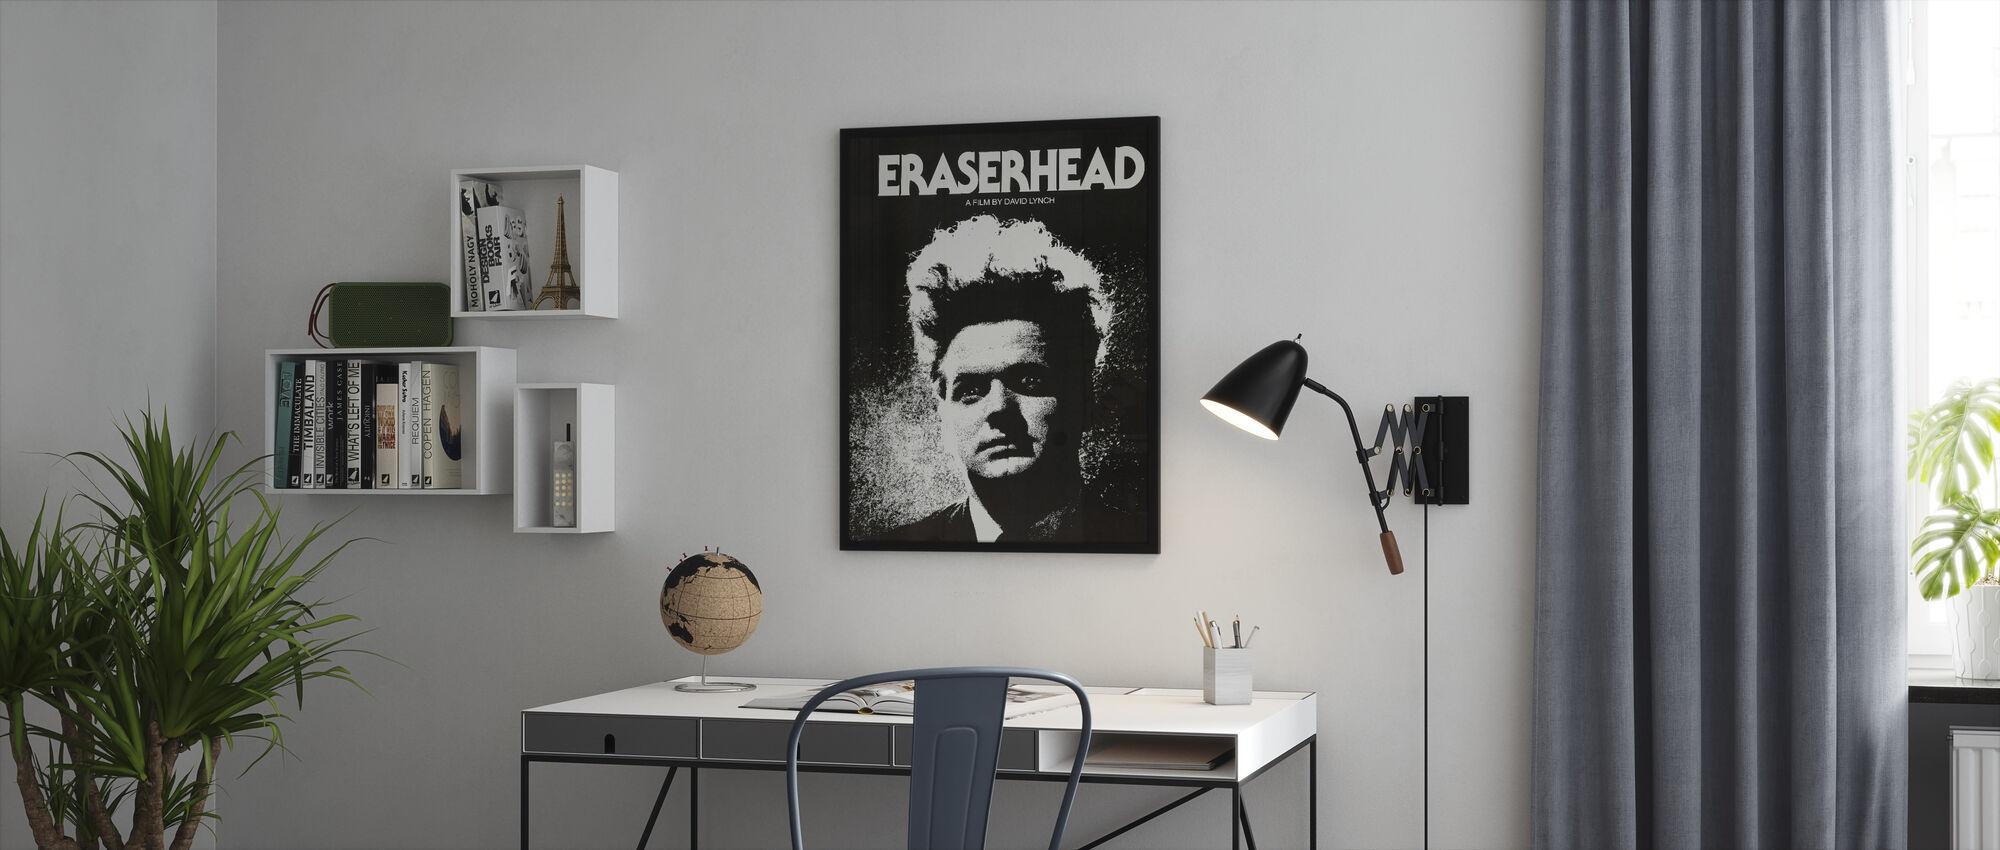 Eraserhead - Kehystetty kuva - Toimisto